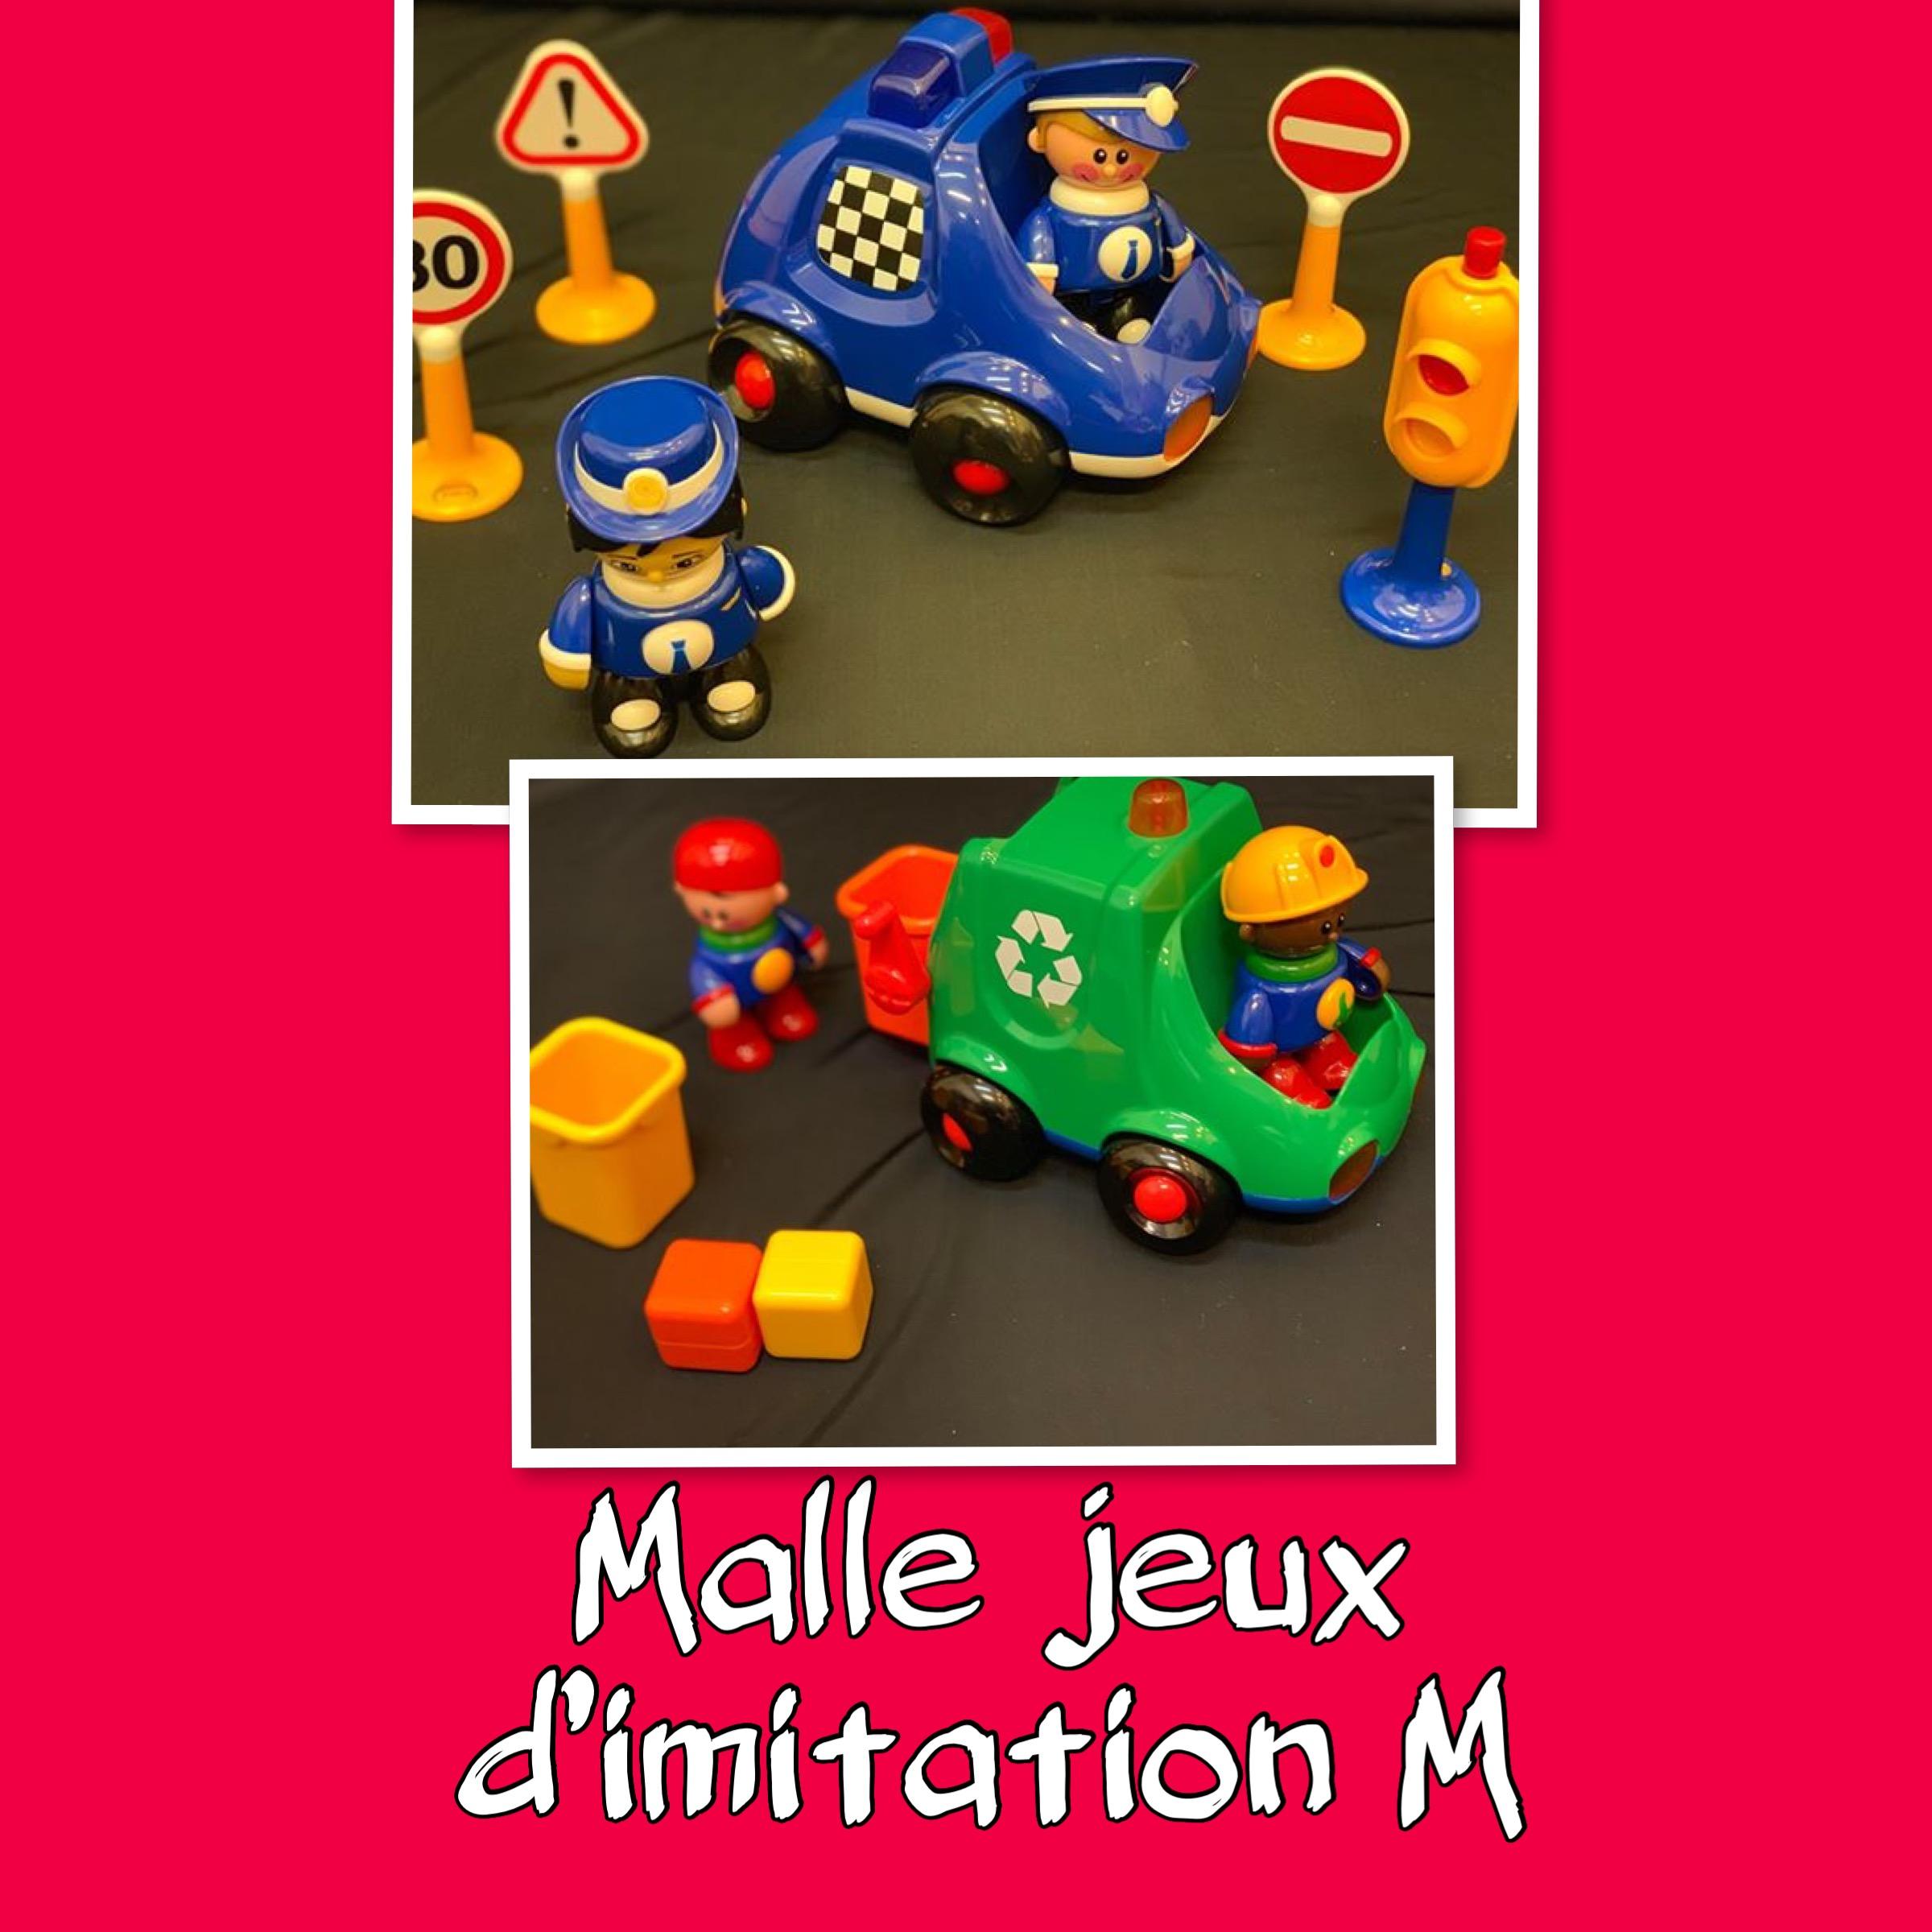 Malle imitation 1